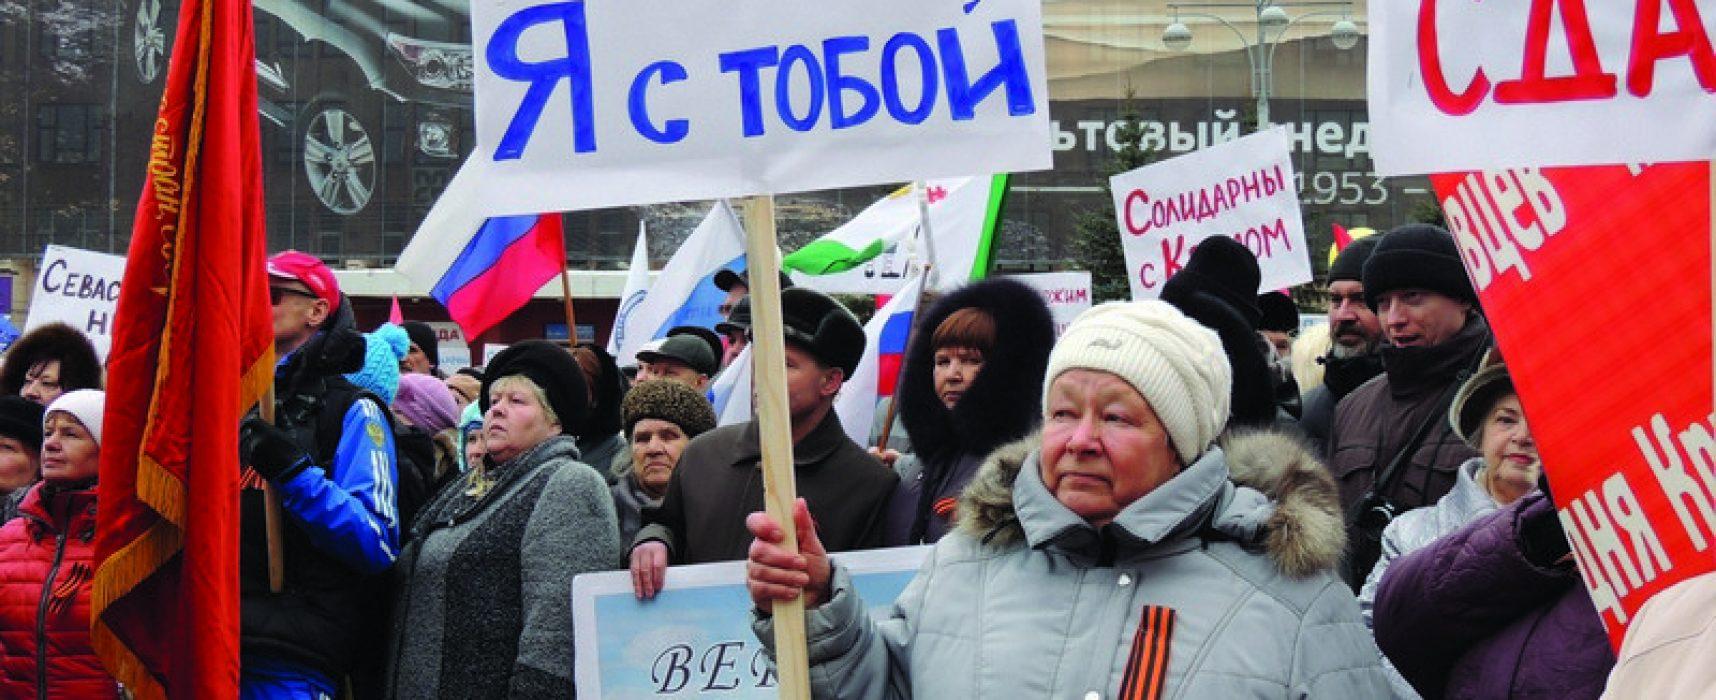 Podlézavost a pocity viny: Putinovci mezi ruskou diasporou